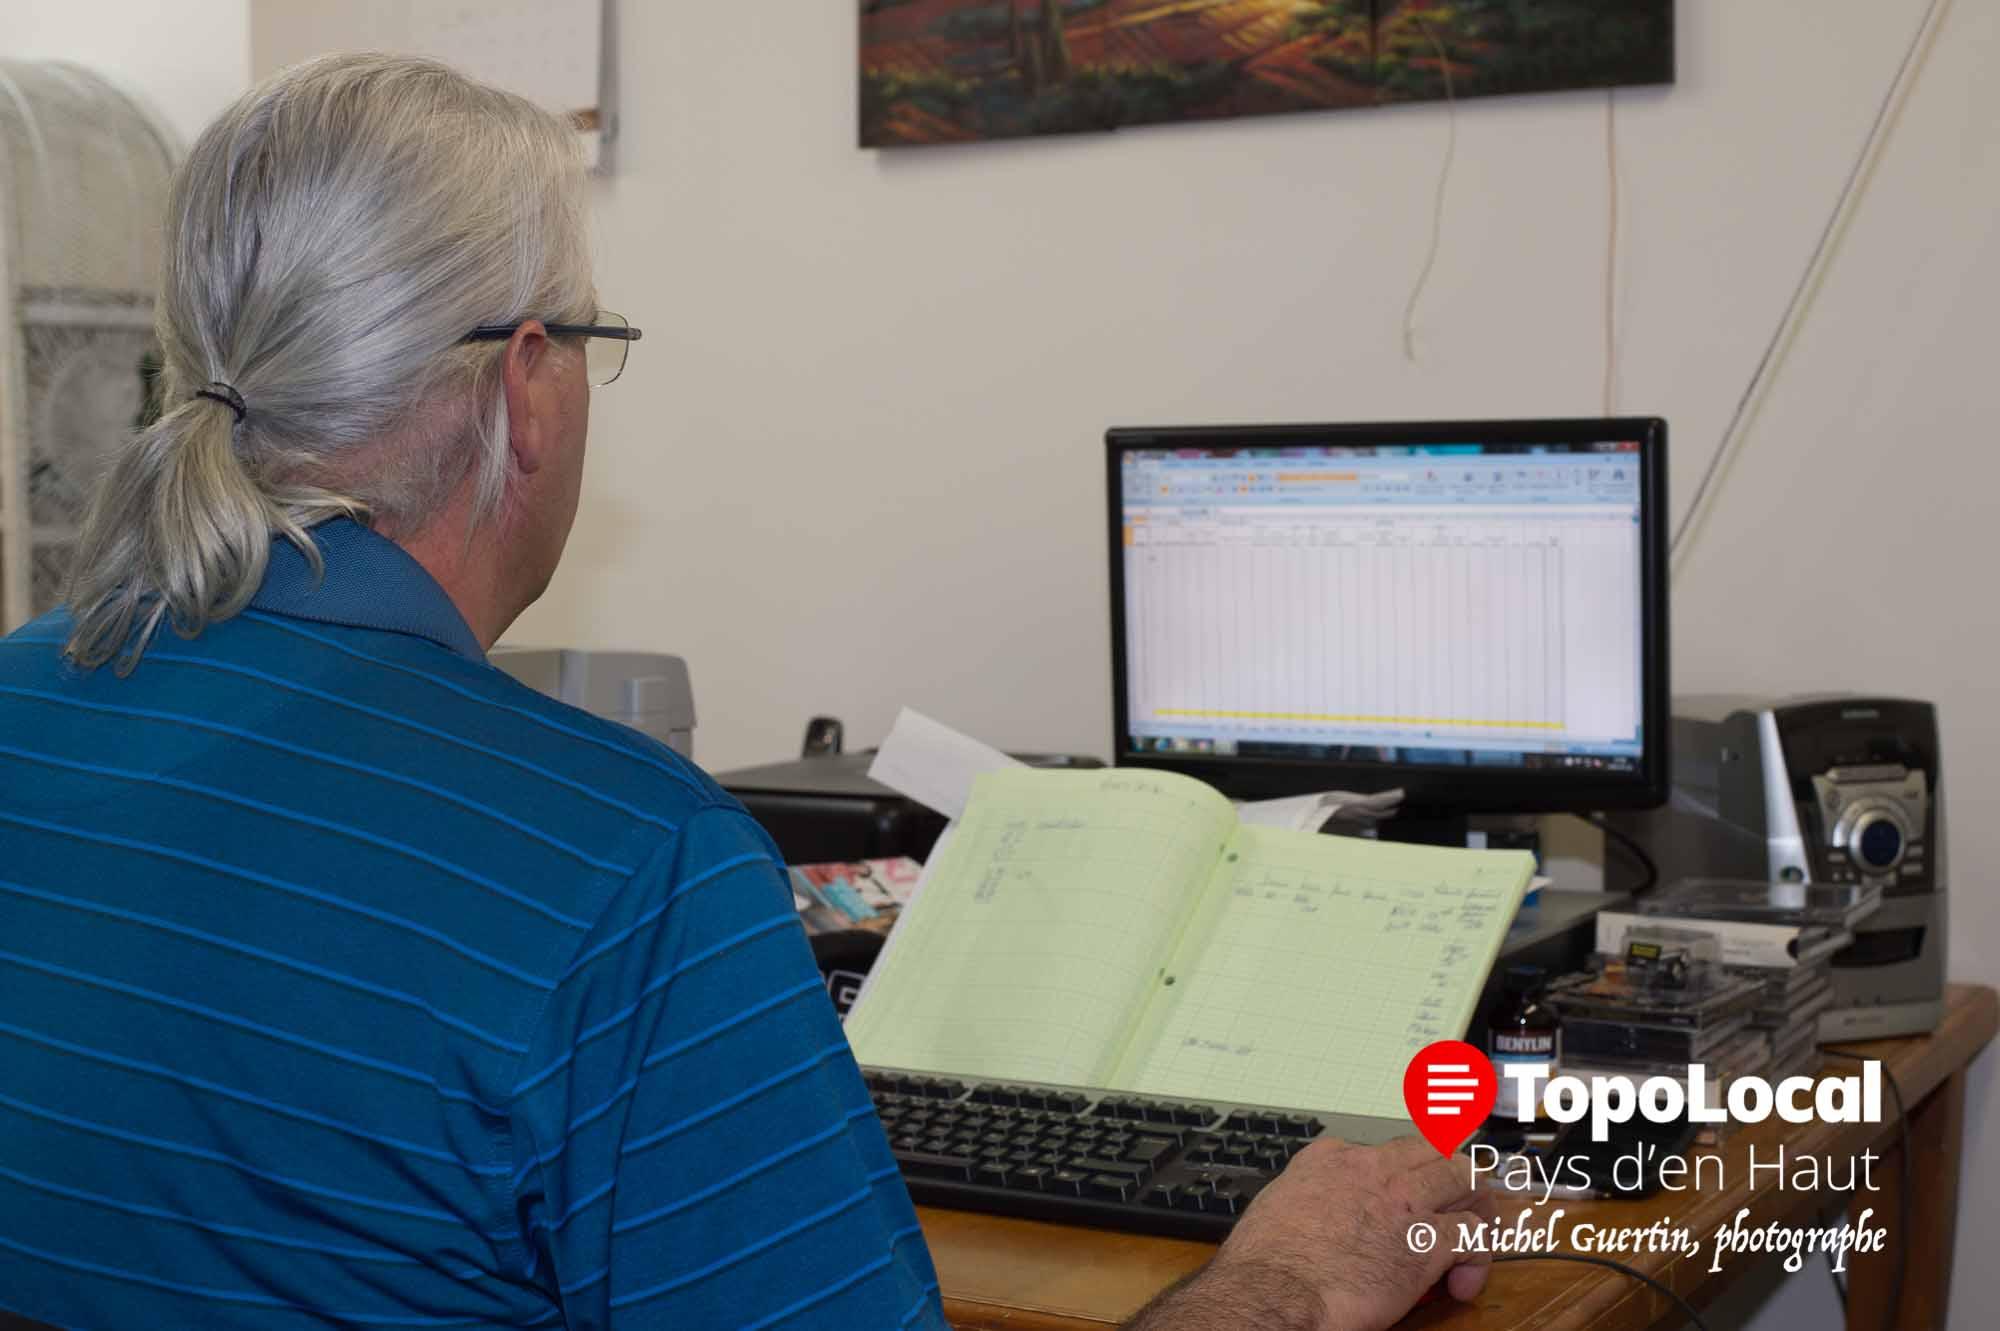 Le seul homme dans la place, Mario Paquette, s'occupe de la comptabilité. Avec toutes ces femmes, il a intérêt à filer doux.